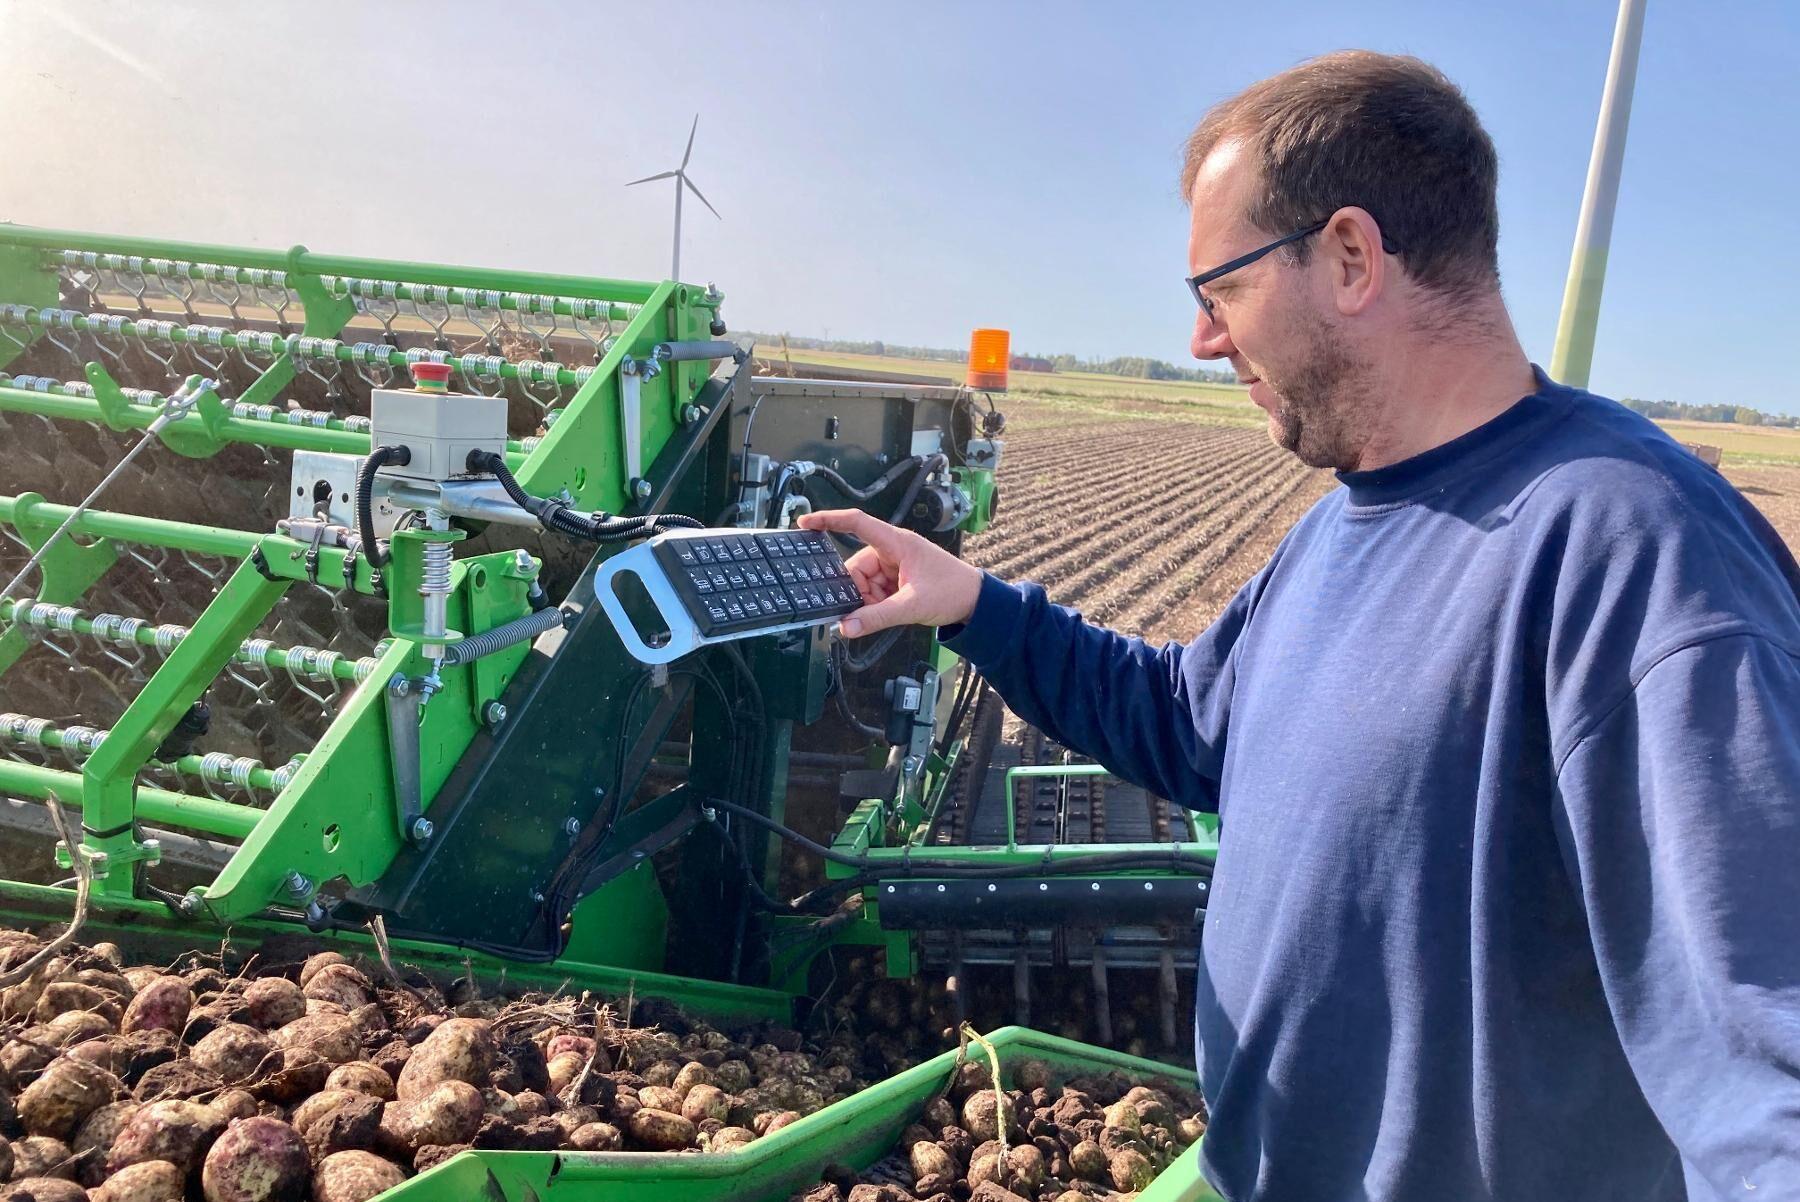 Potatisskörden pågår för fullt, och på banden syns plötsligt en liten sork som klarar sig oskadd genom Stefan Valfridssons tvåradiga potatisupptagare. Ett bevis på att maskinen är skonsam - och att det gäller att skalskadorna på potatisen är så få som vanligt.